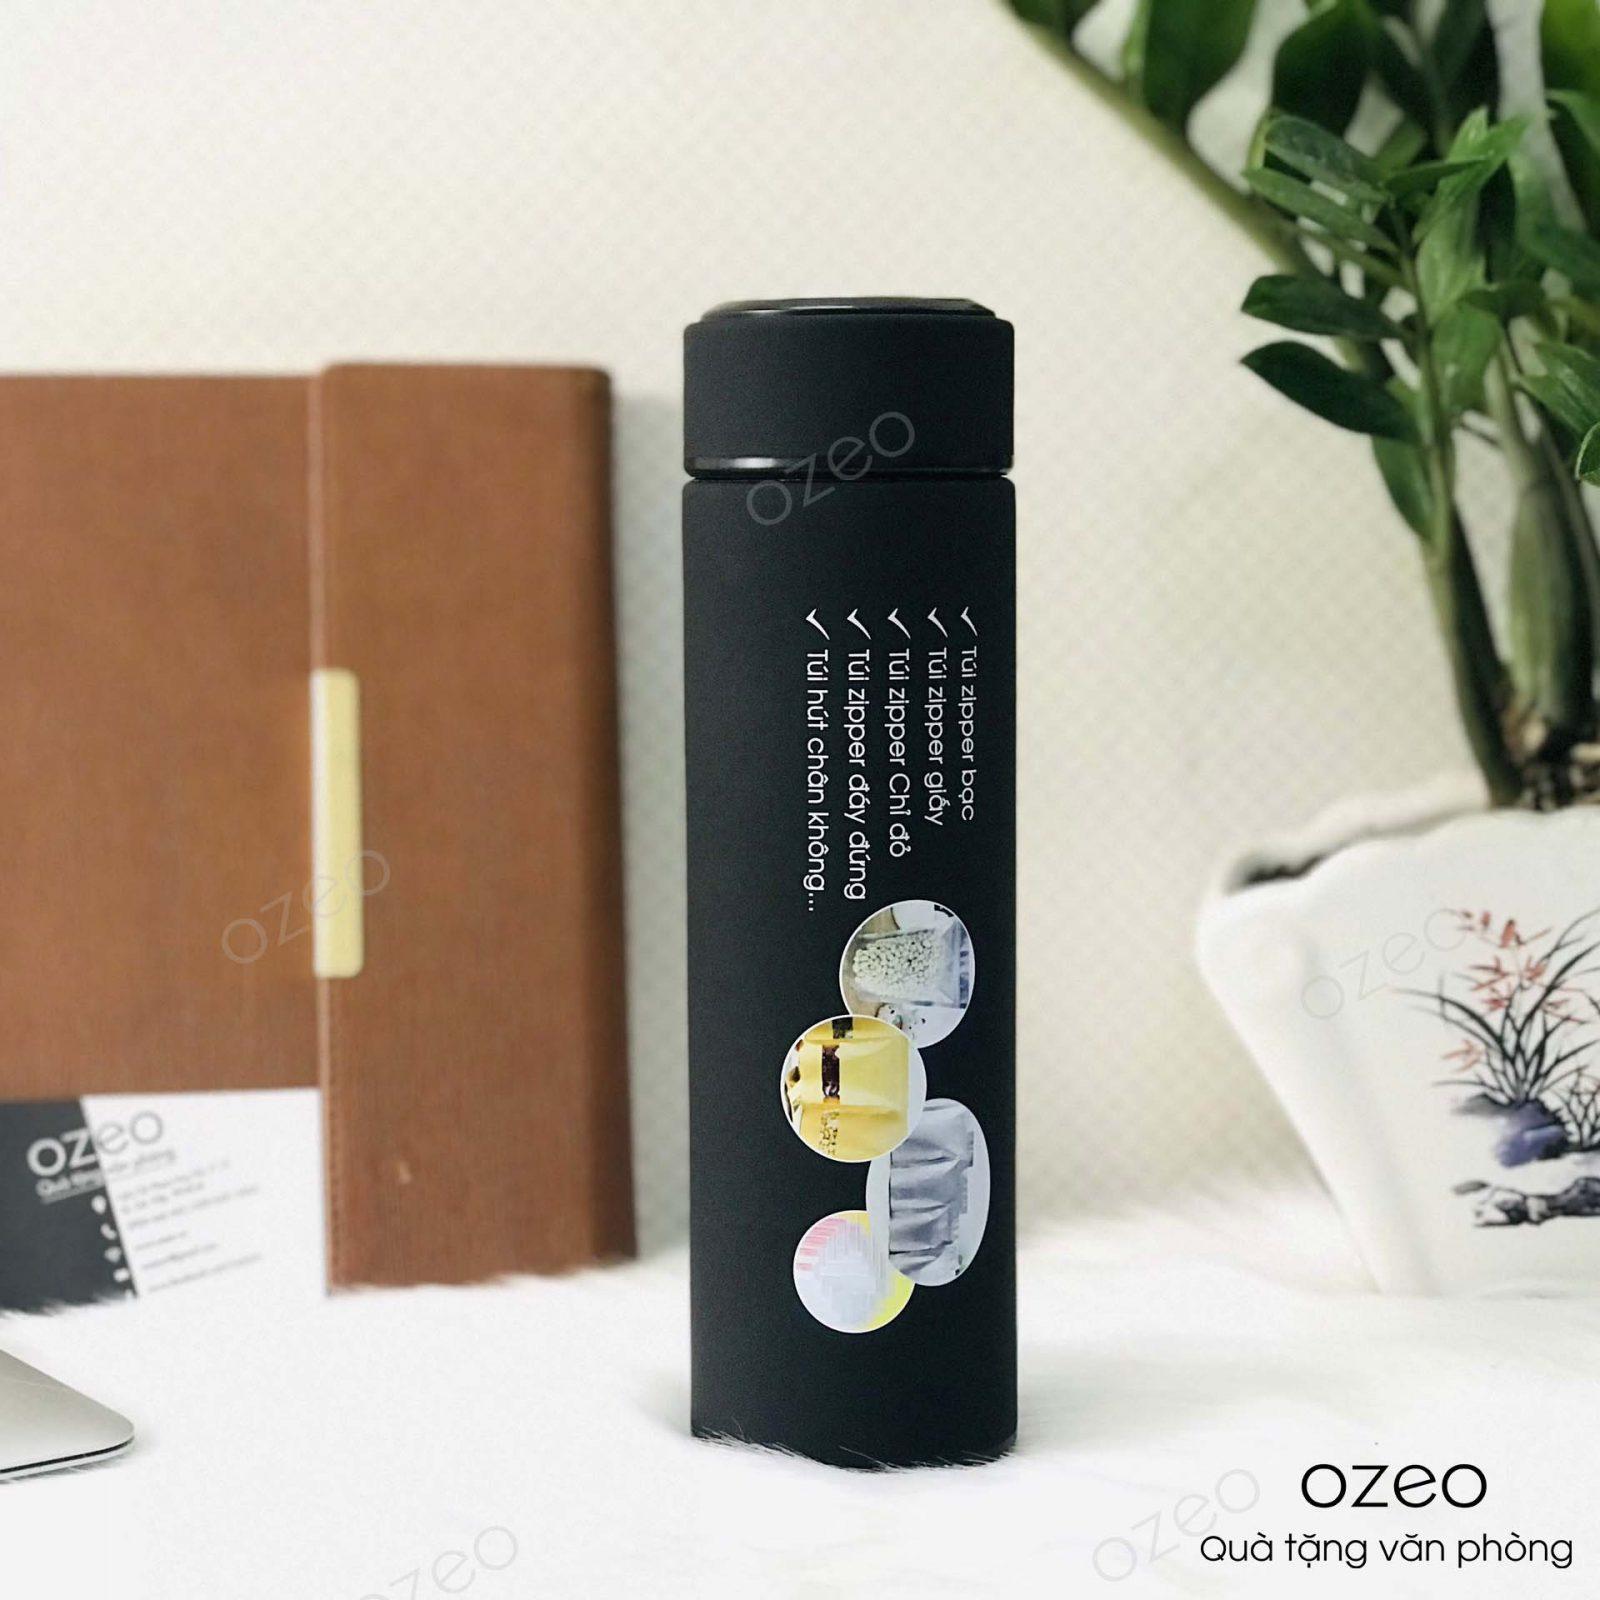 Bình giữ nhiệt GN01Đ màu đen in ấn thông tin và hình ảnh sản phẩm làm quà tặng doanh nghiệp.